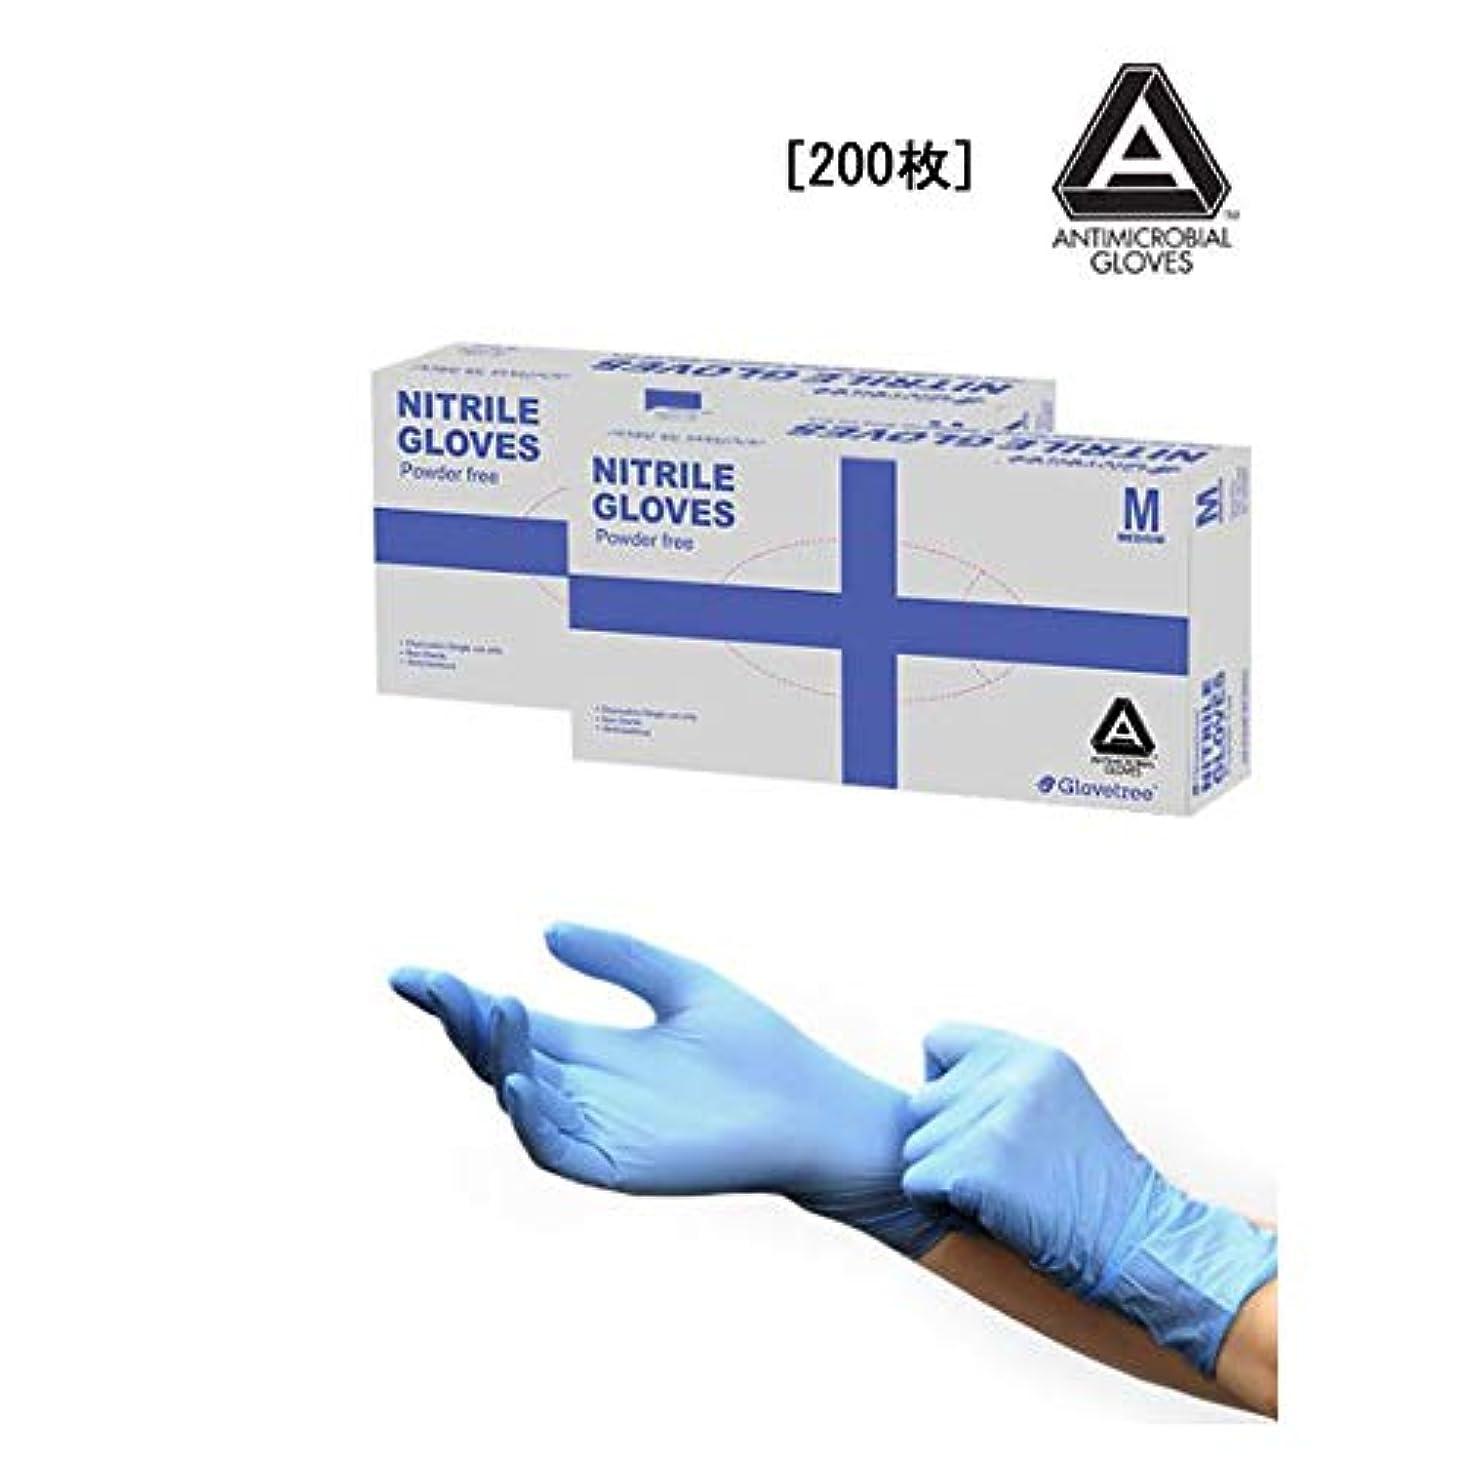 はちみつ自動車アクセント(Glove Tree)AMG(Anti Microbial Gloves) 最高品質 無粉末 ニトリル手袋 パウダーフリー Biolet Blue 200枚(3.2g Nitrile、Mサイズ目安、Powder Free...